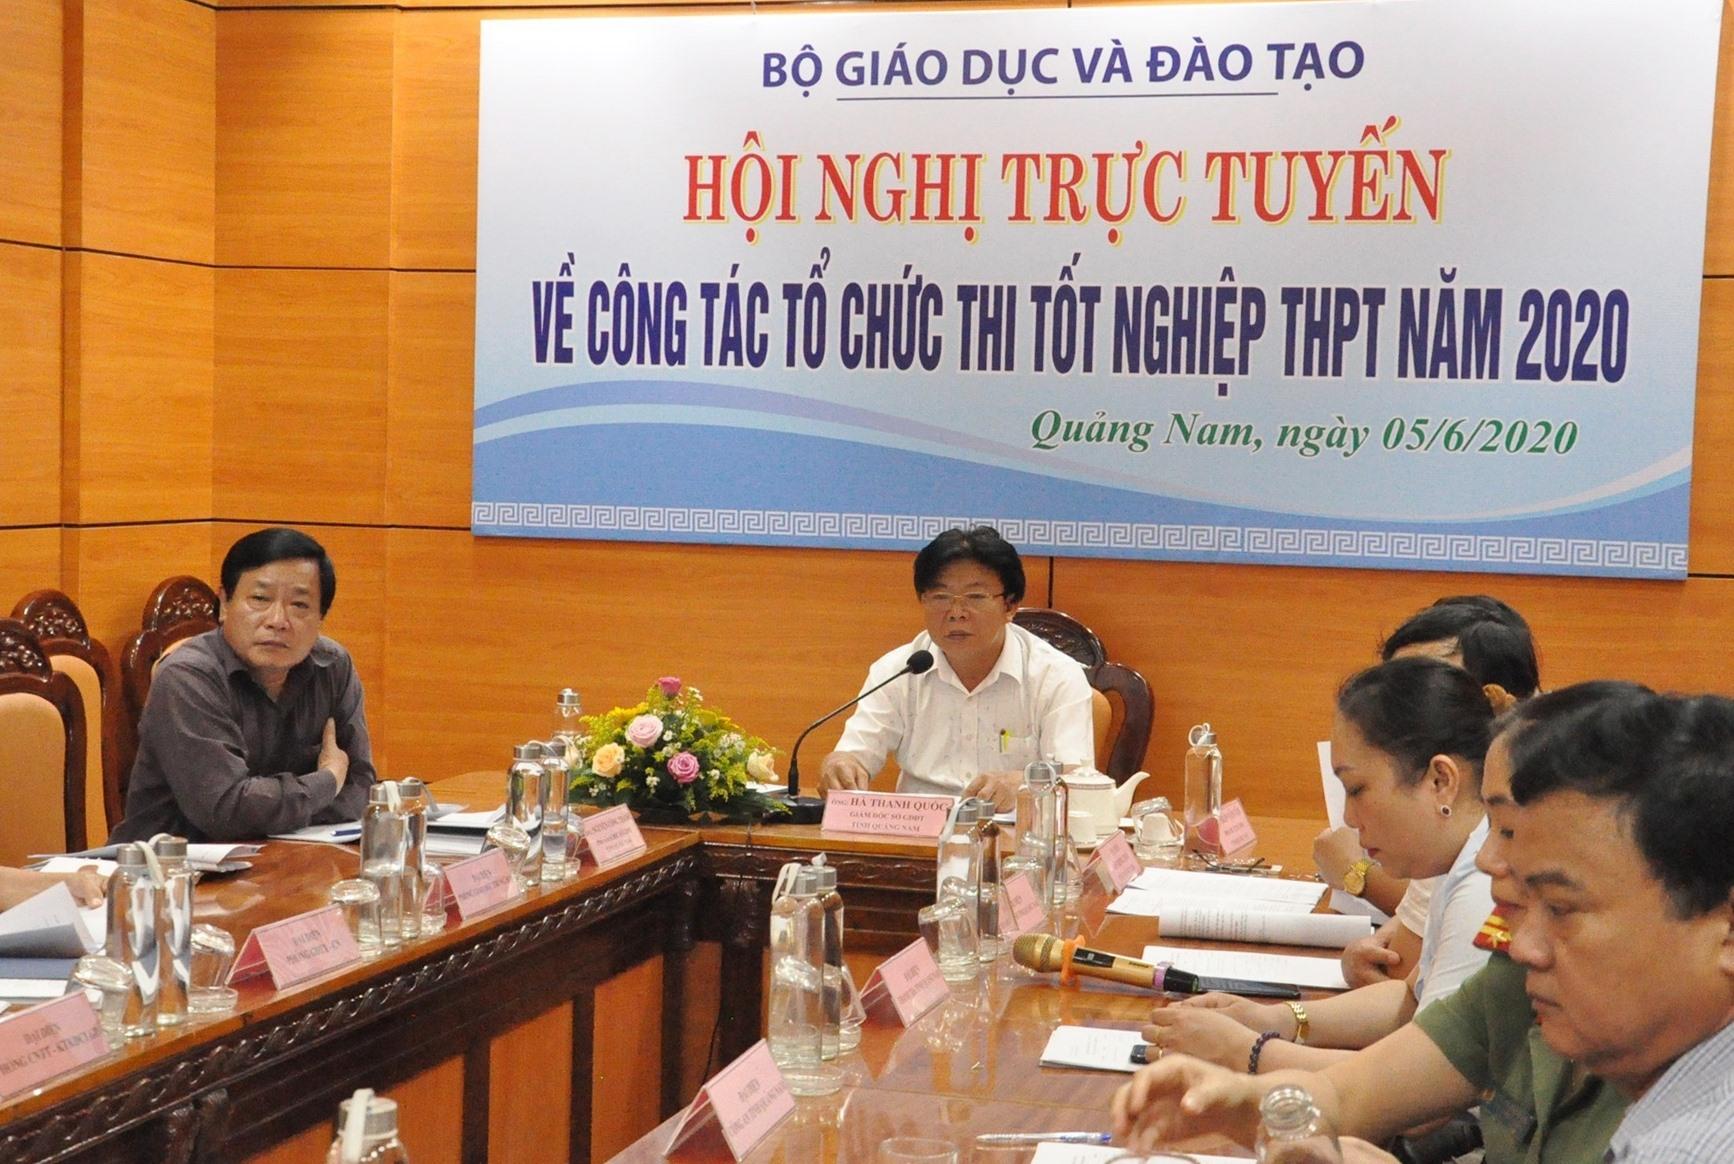 ở GD-ĐT Quảng Nam tham gia họp trực tuyến với Bộ GD-ĐT về công tác tổ chức thi tốt nghiệp THPT 2020. Ảnh: X.P